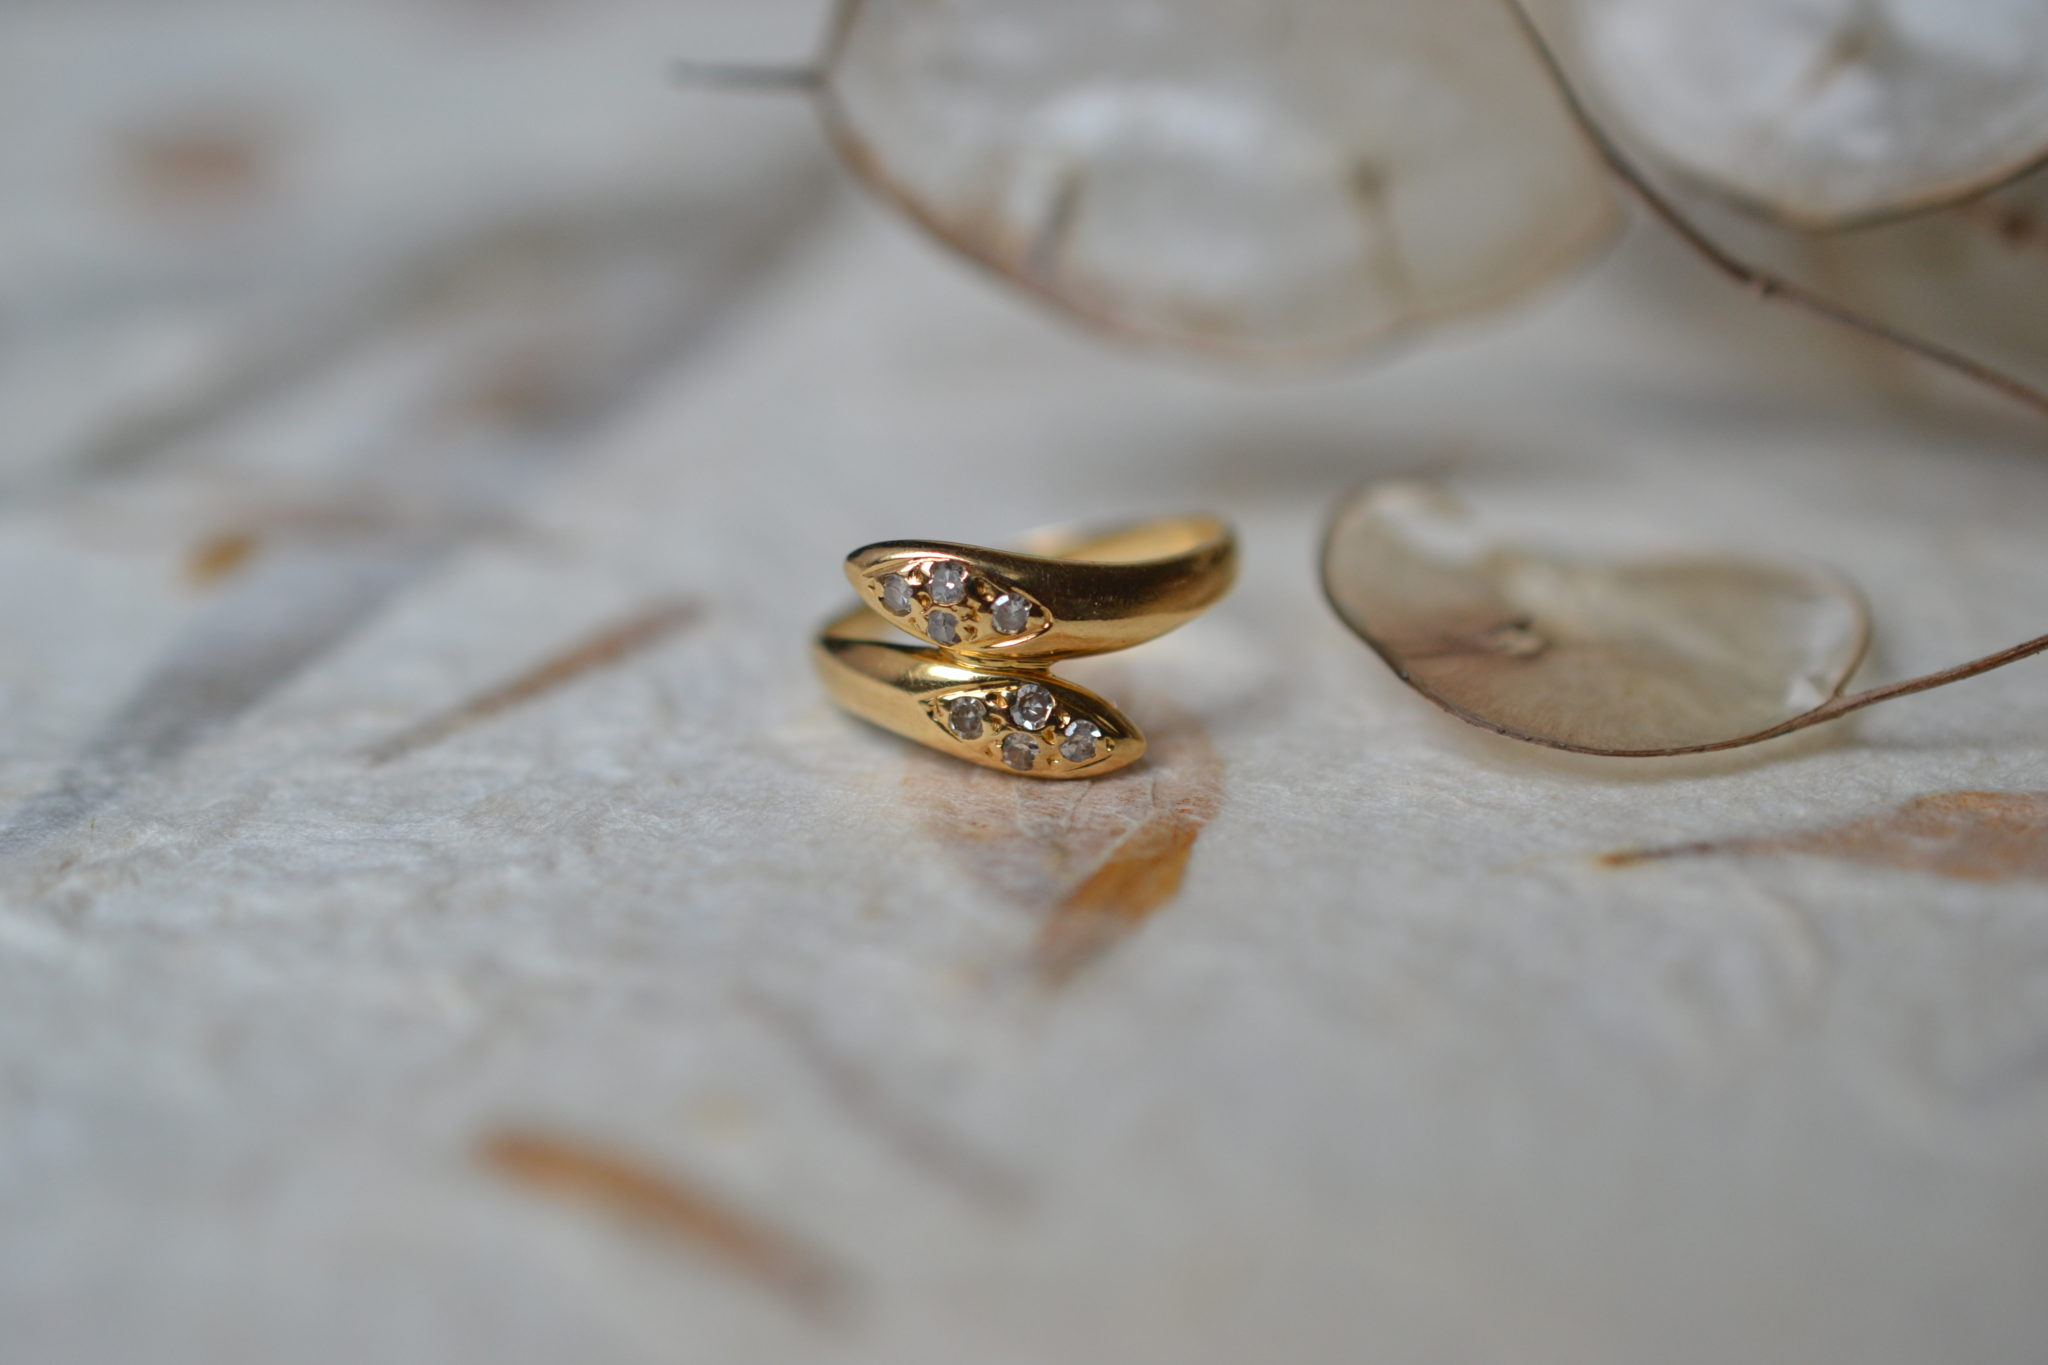 Bague de petit doigt en forme de serpents entrelacés en Or jaune ornée de 8 diamants bijou éthique